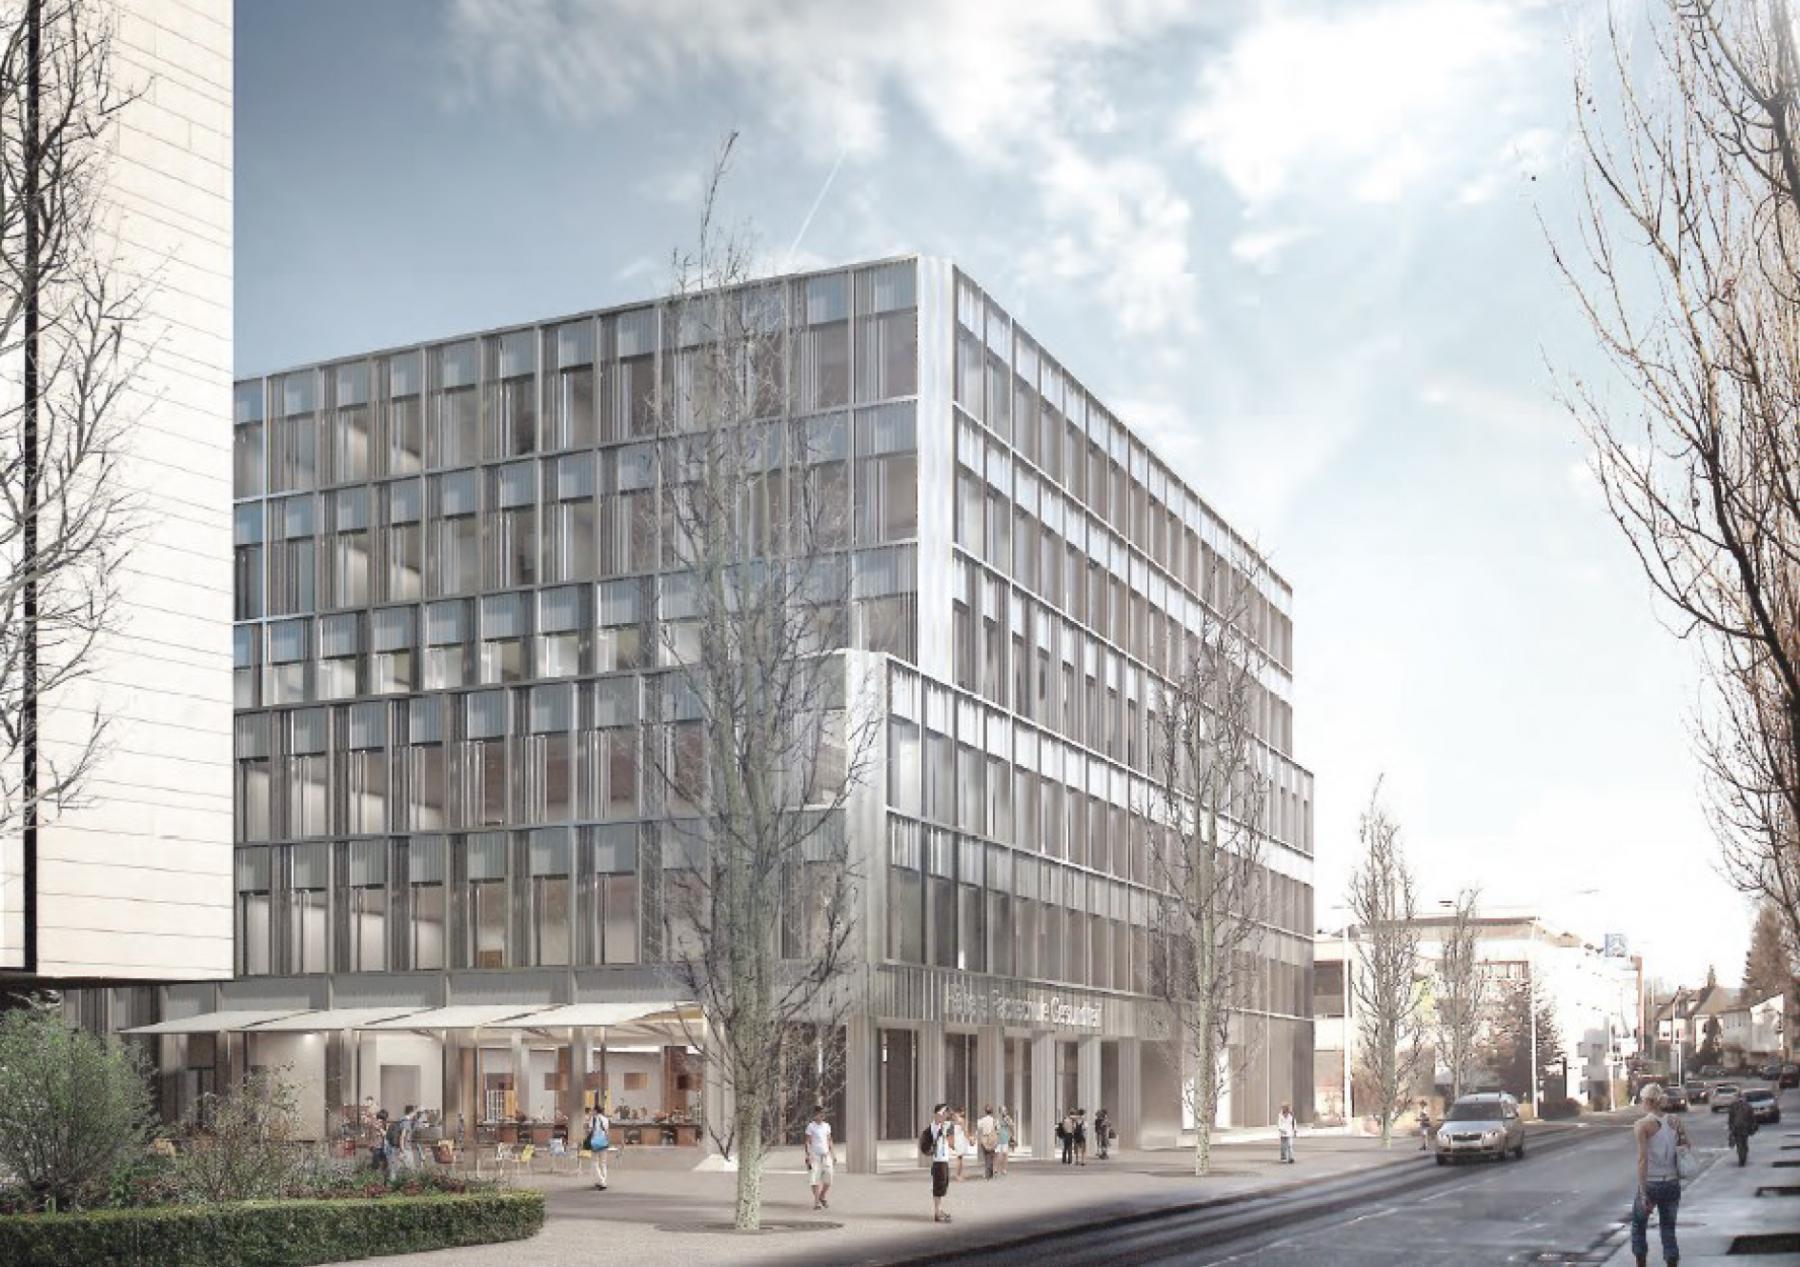 Neubau Höhere Fachschule Gesundheit Zentralschweiz HFGZ, Luzern, Metron Architektur, Florence